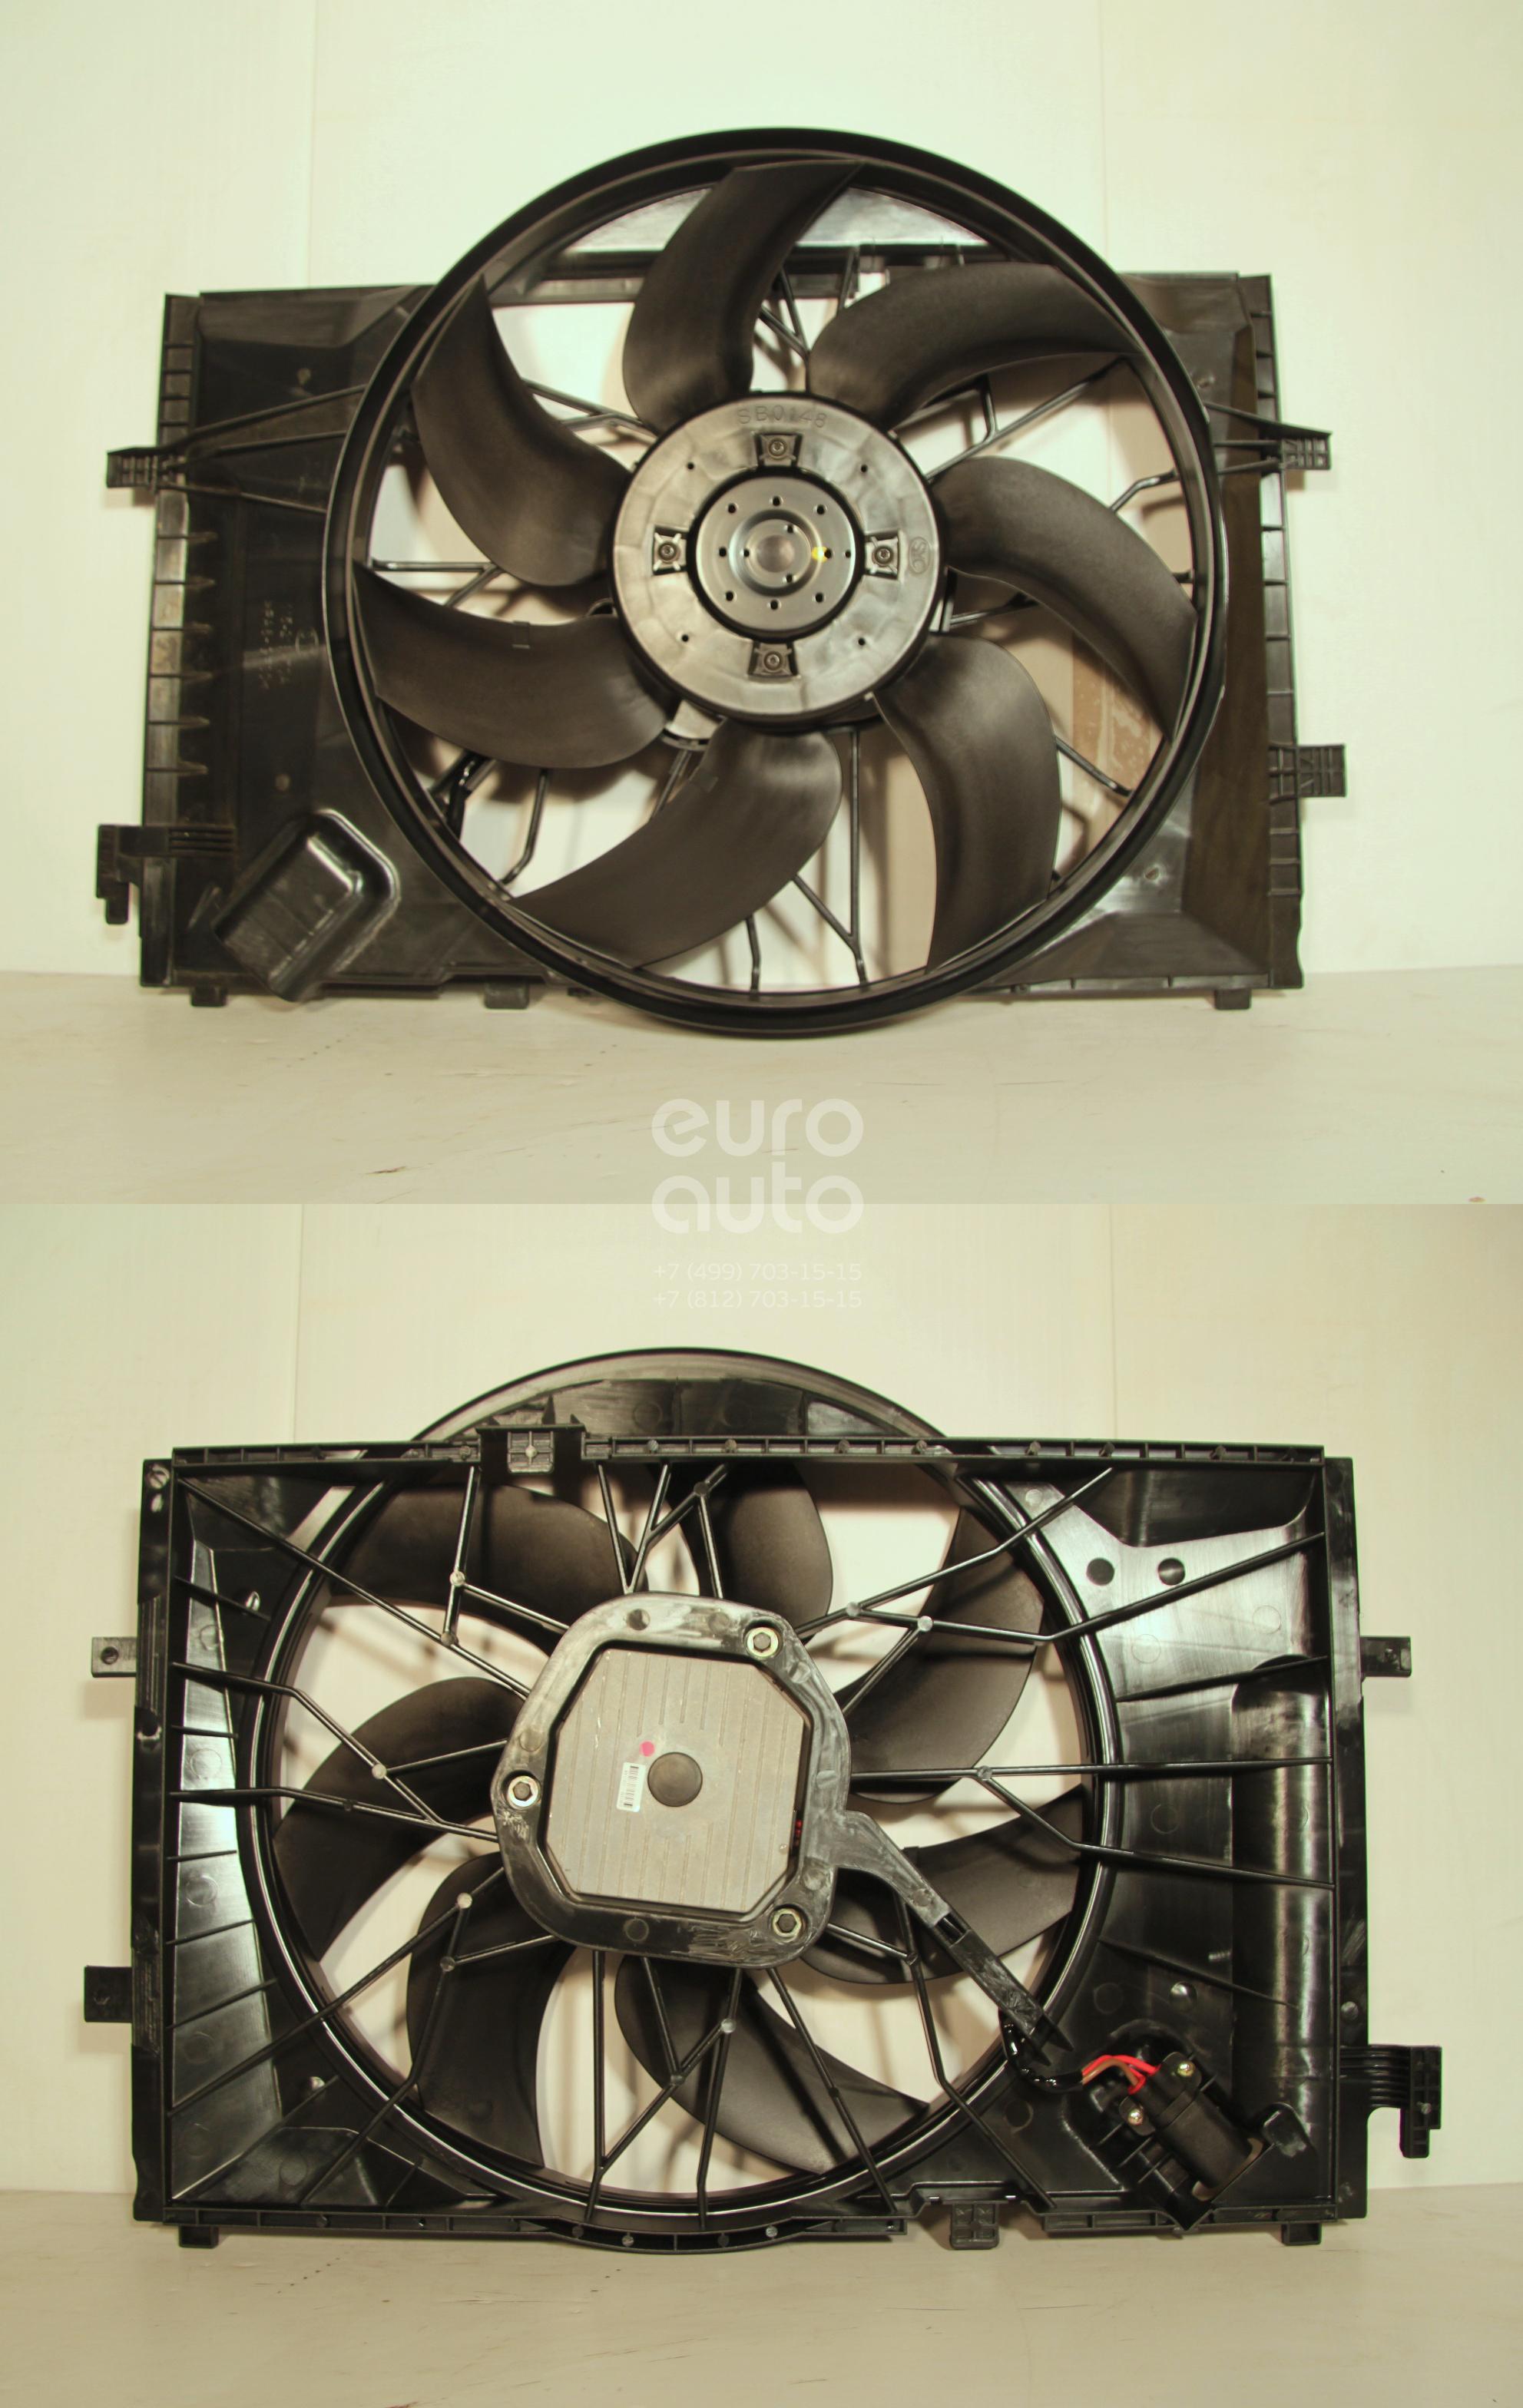 Вентилятор радиатора для Mercedes Benz C209 CLK coupe 2002-2009 - Фото №1